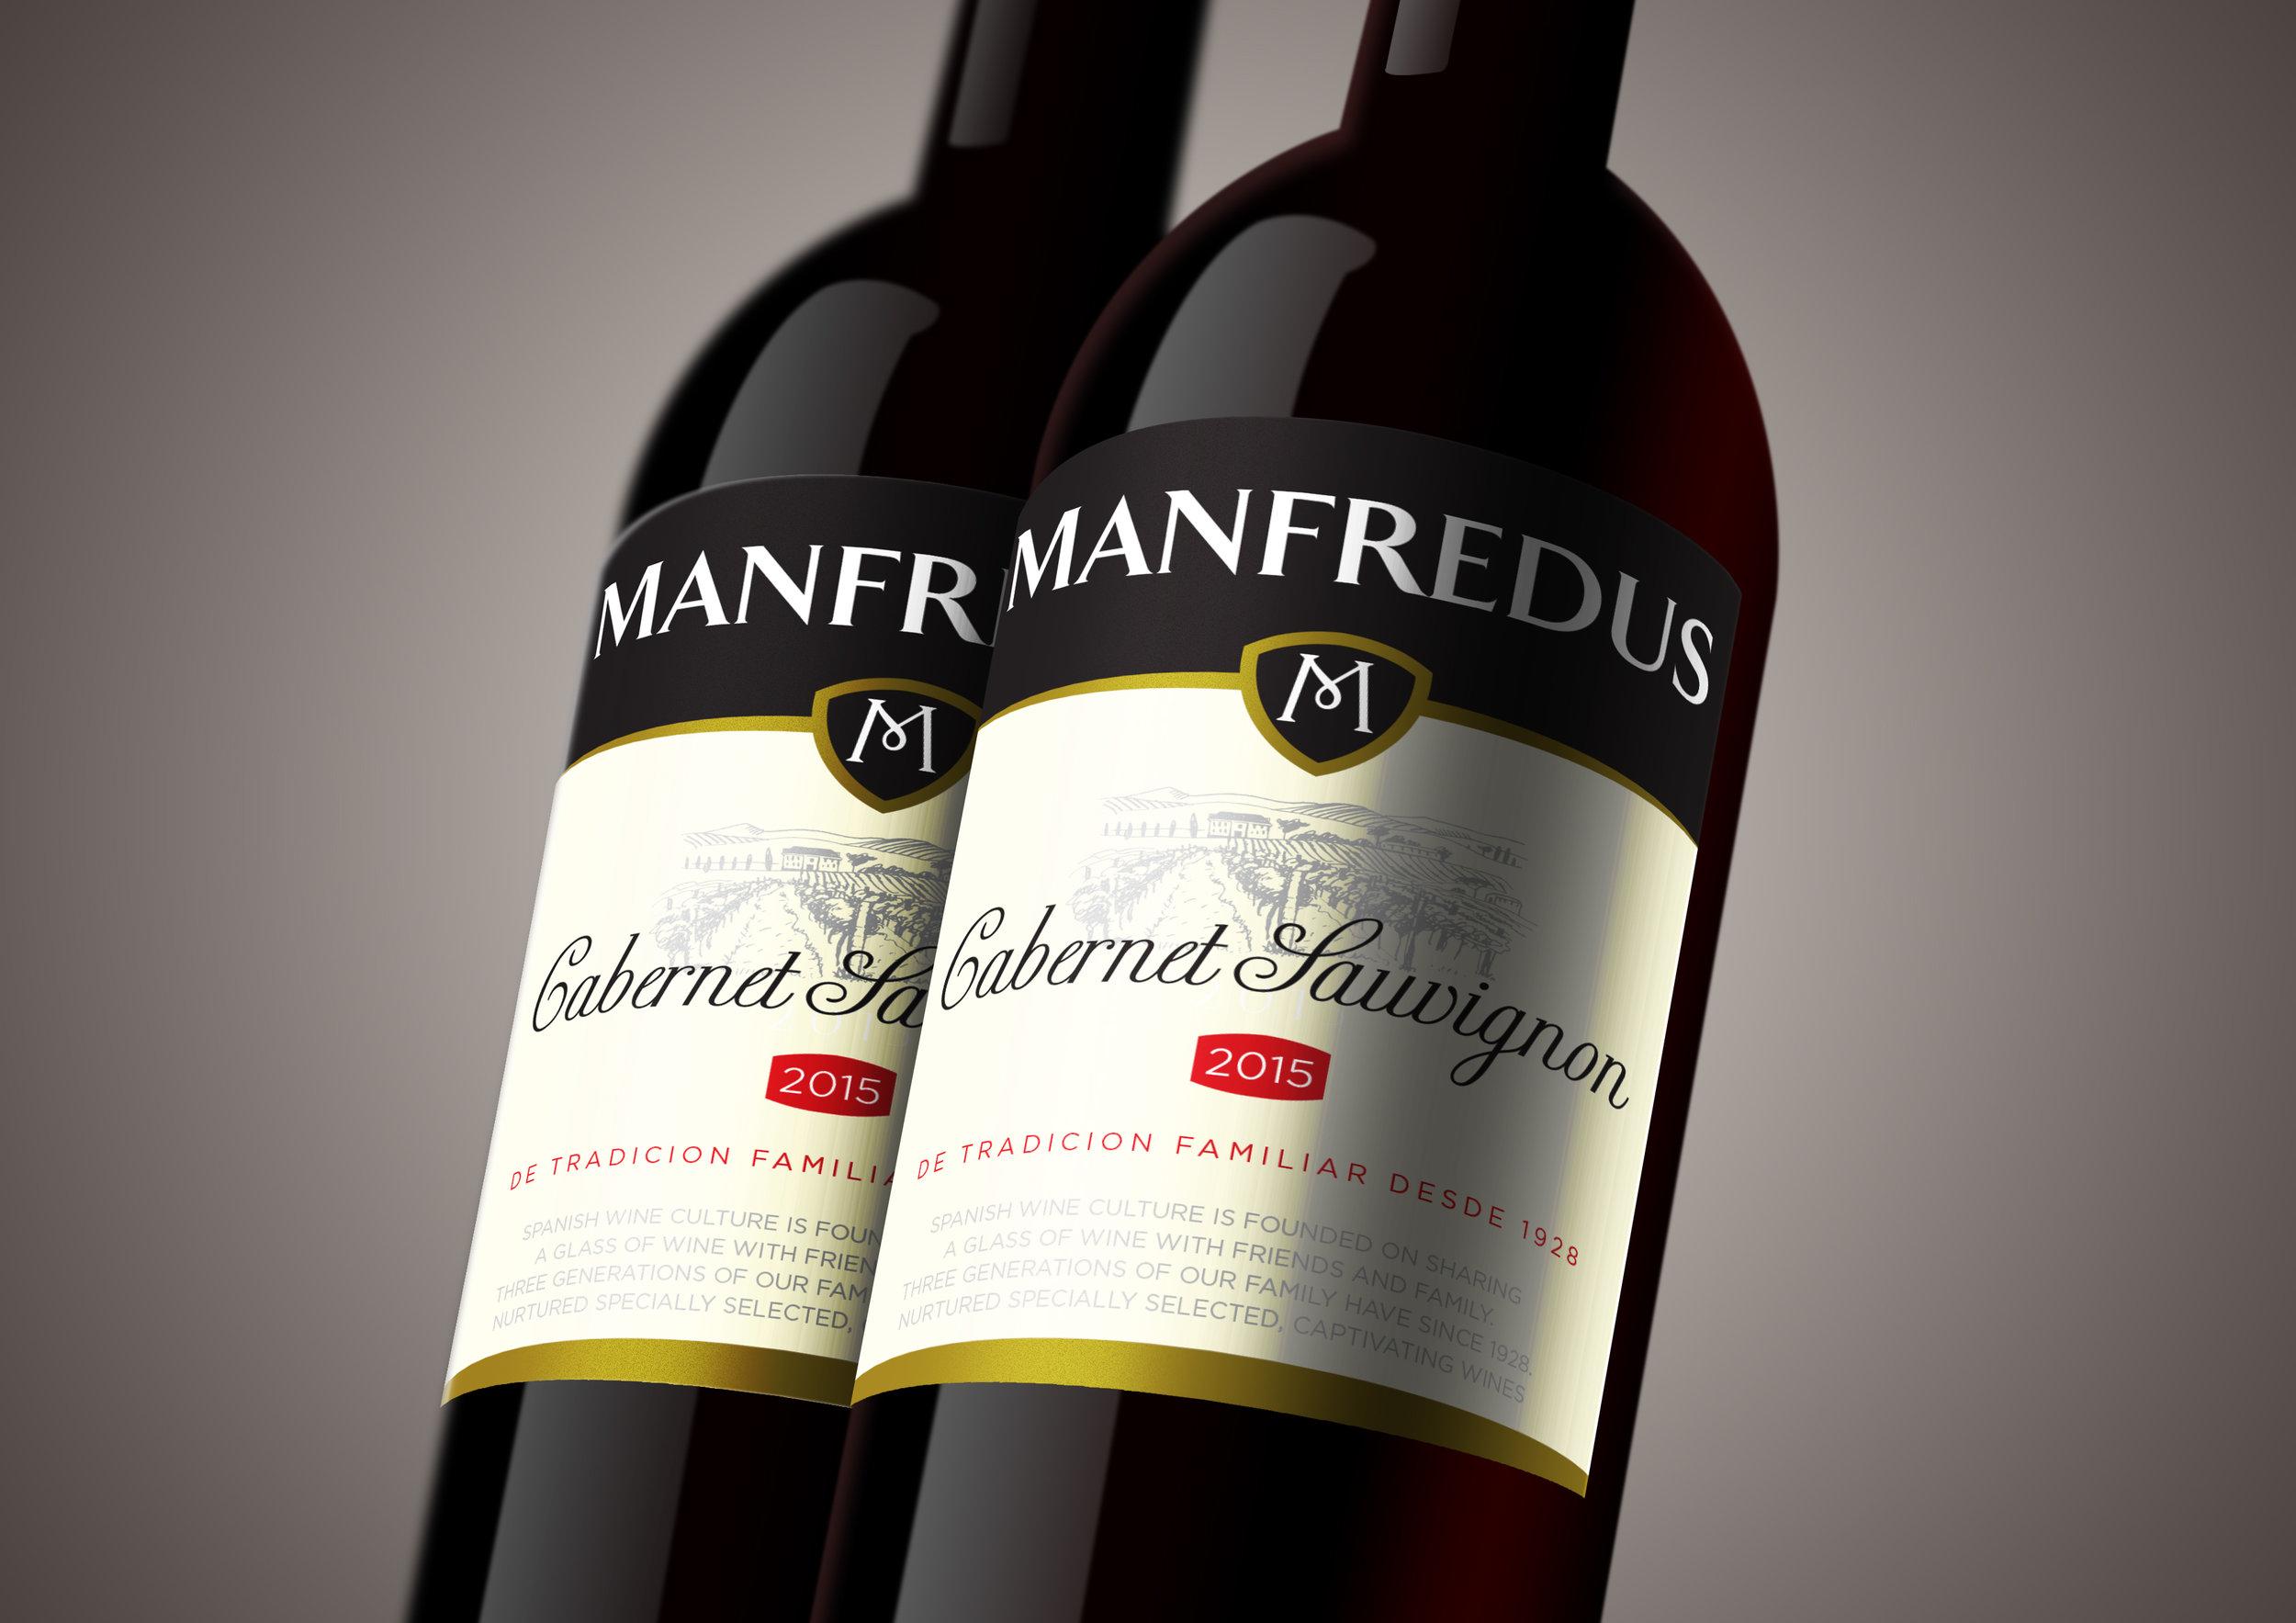 Manfrendus 2 Bottle Shot.jpg